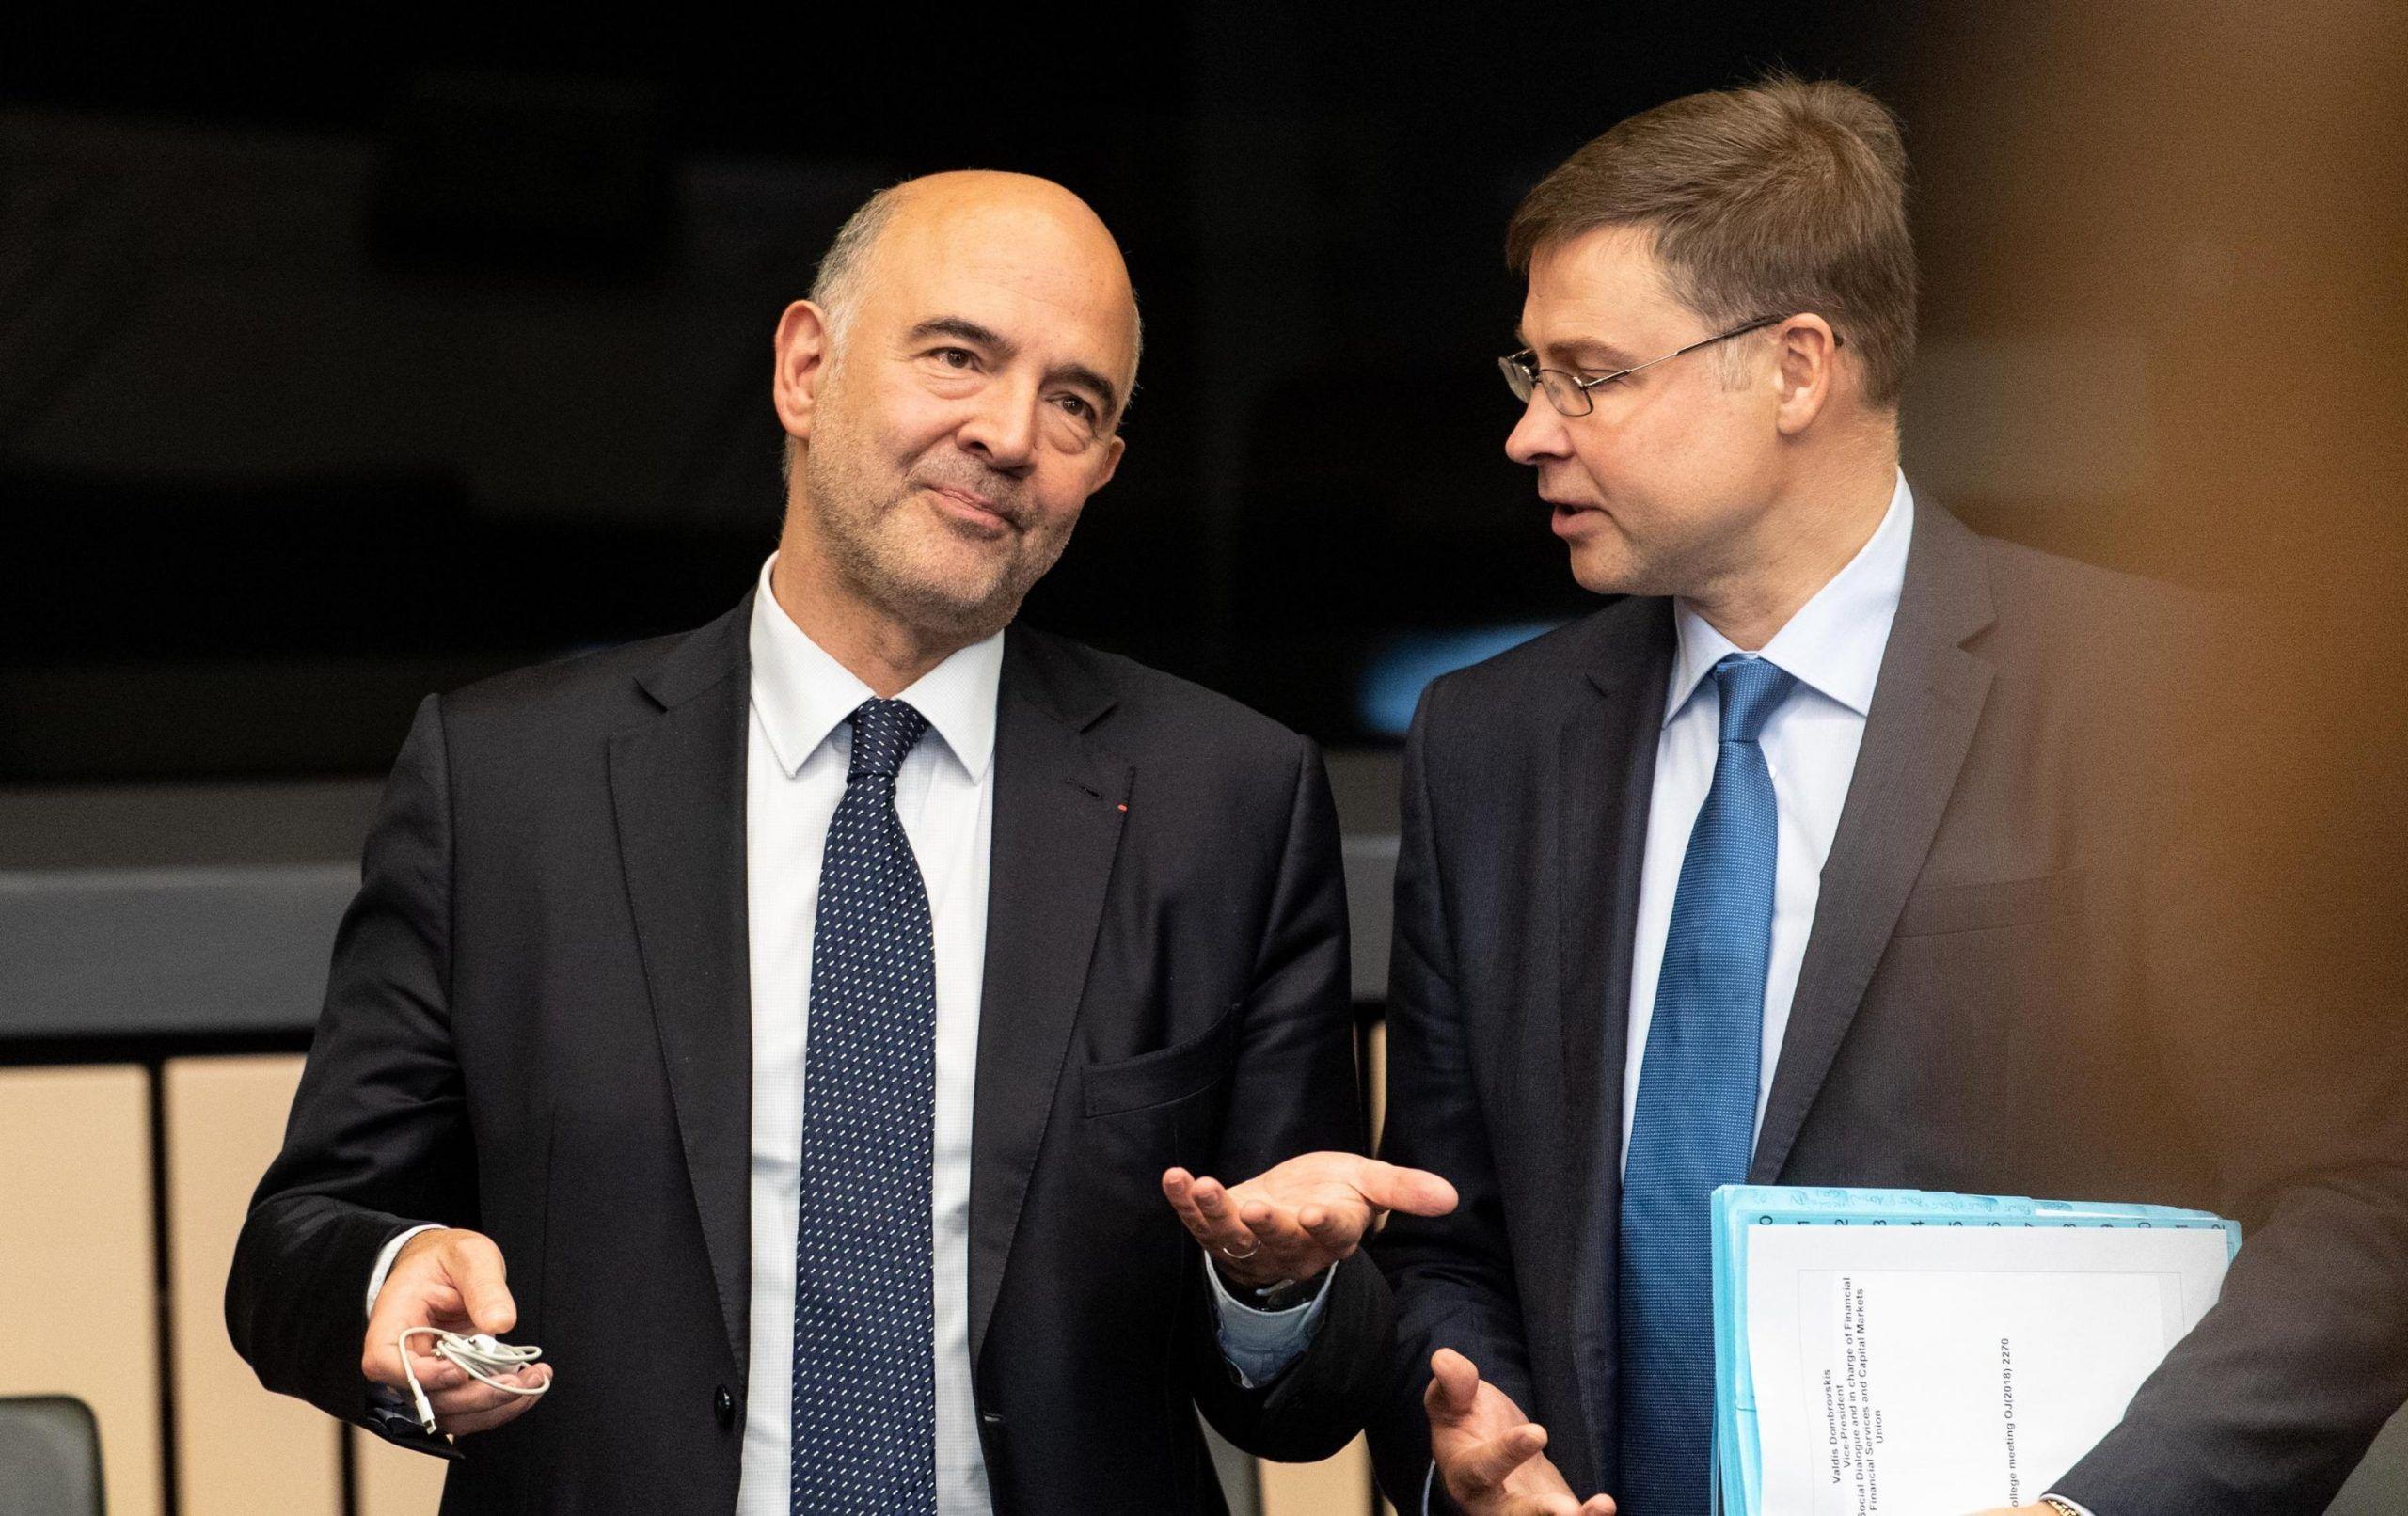 L'Ue boccia la Manovra e ne chiede una nuova in 3 settimane